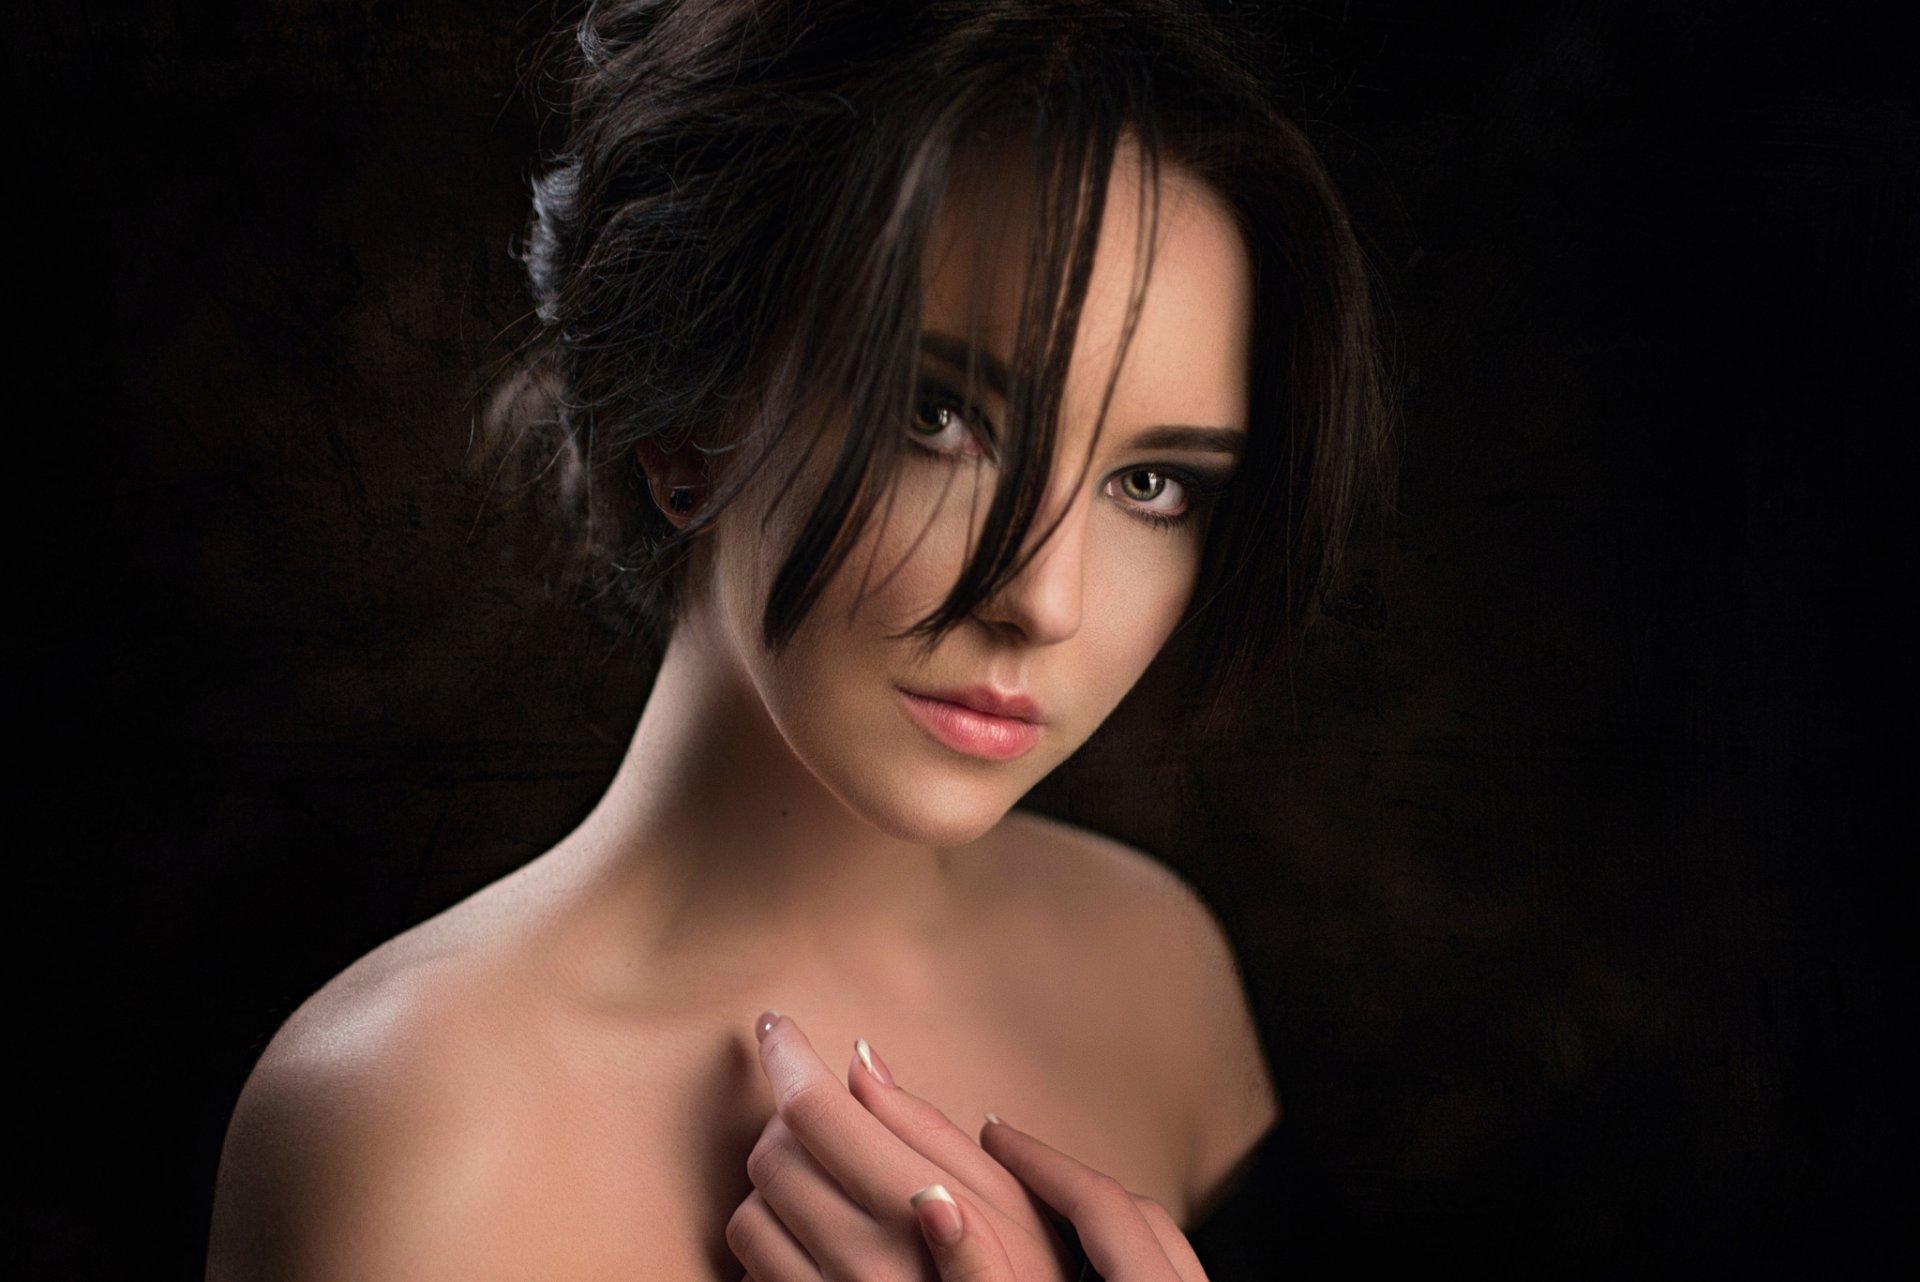 порно фото фото девушек с небольшой грудью на черном фоне если